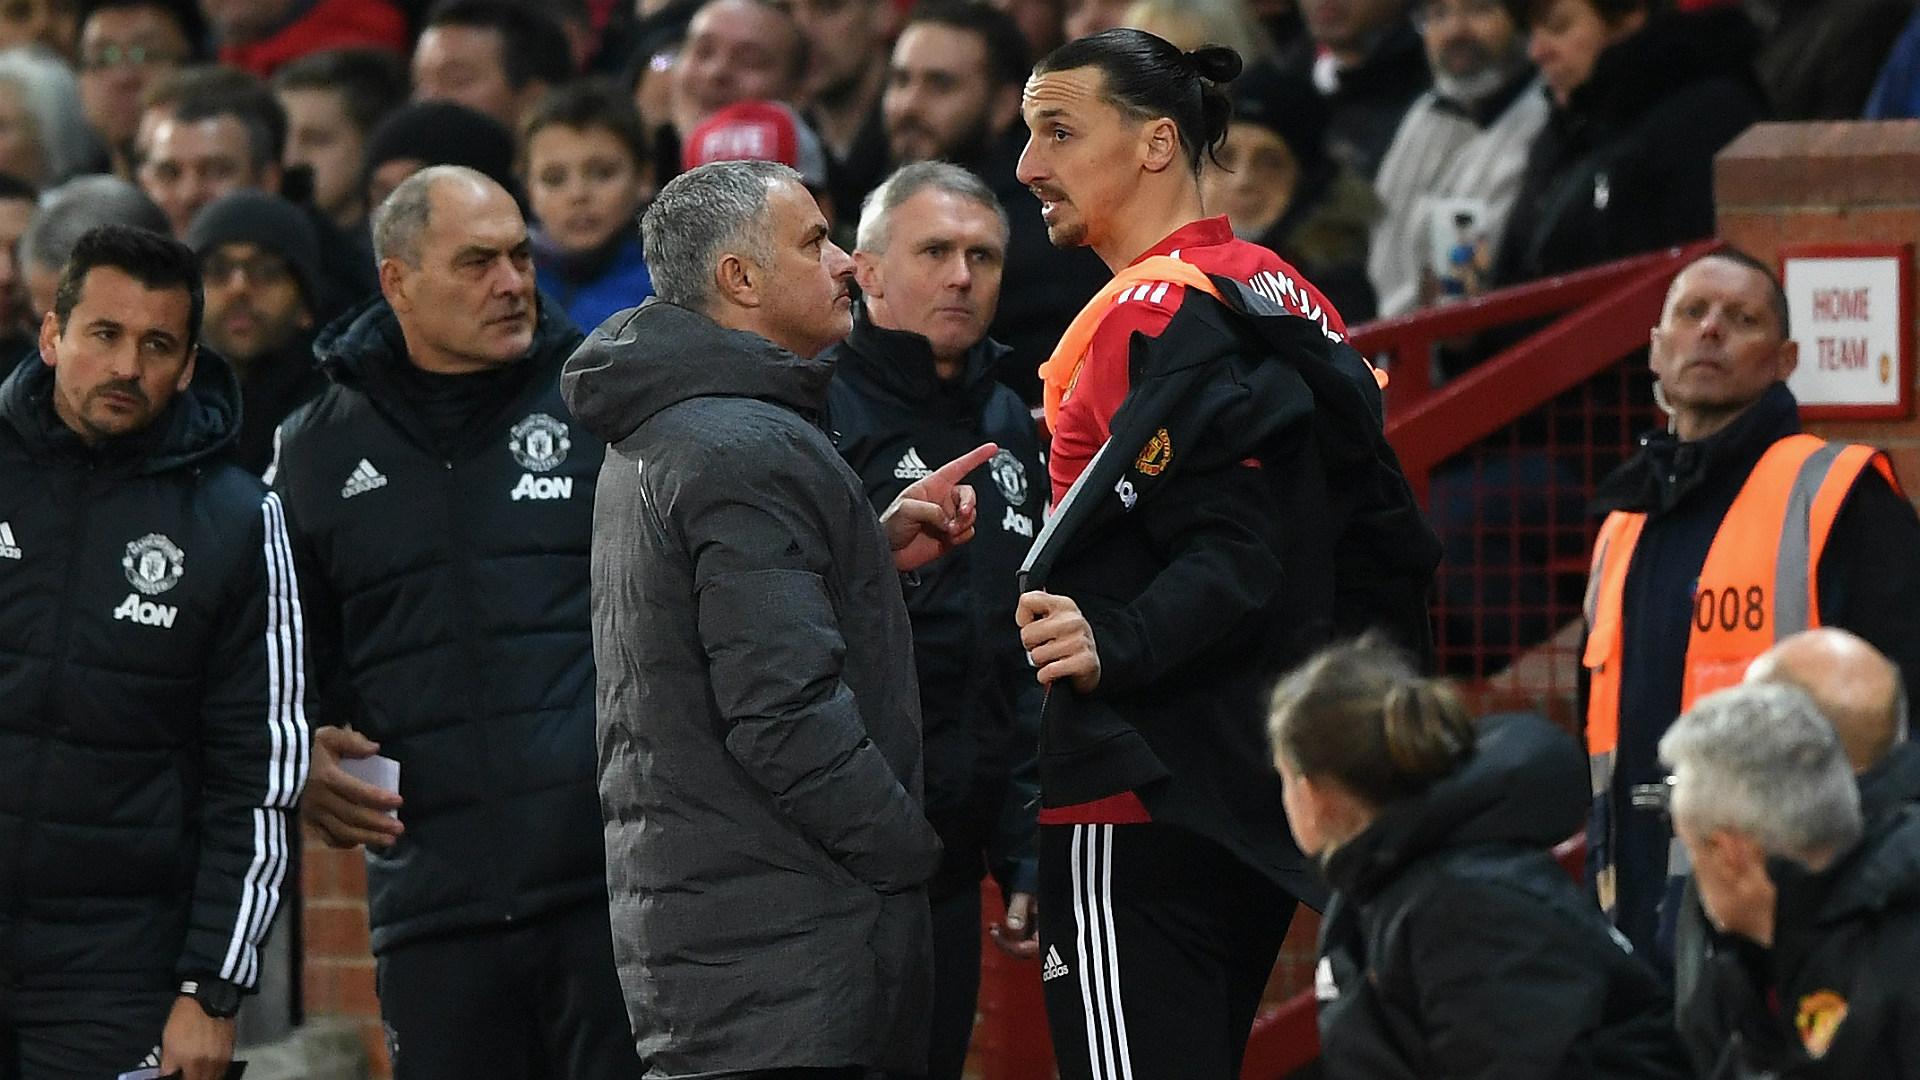 Manchester United, riecco Ibrahimovic: torna tra i convocati dopo sette mesi